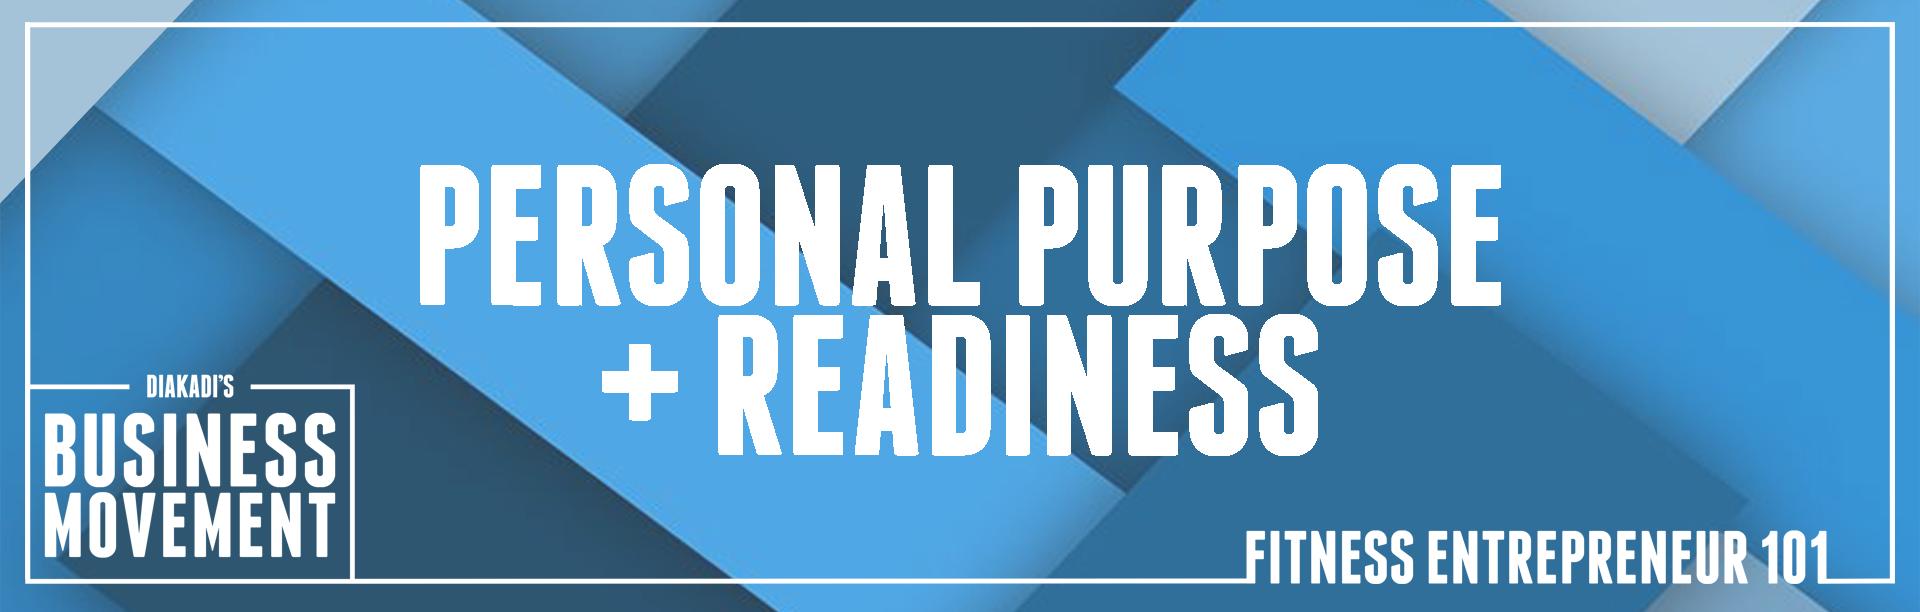 PersonalPurpose.png